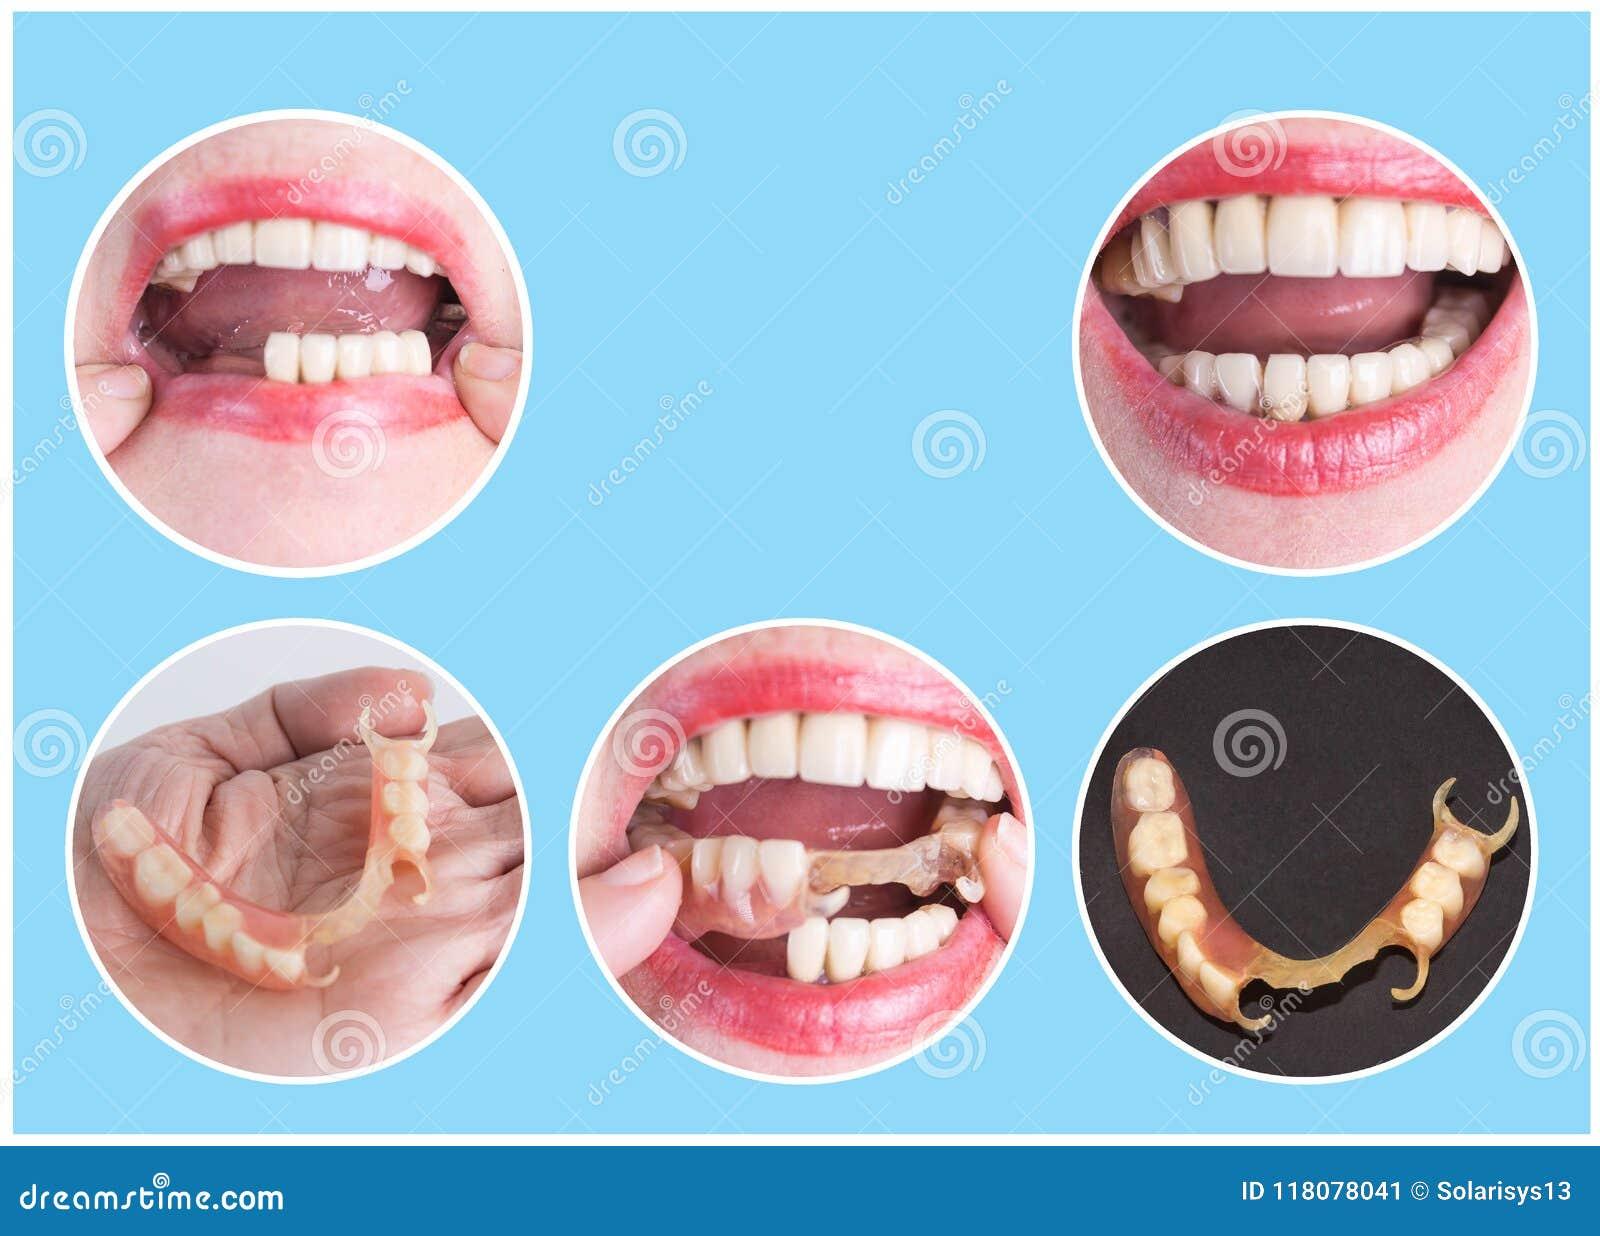 与上部和更低的假肢的牙齿修复,在治疗前后